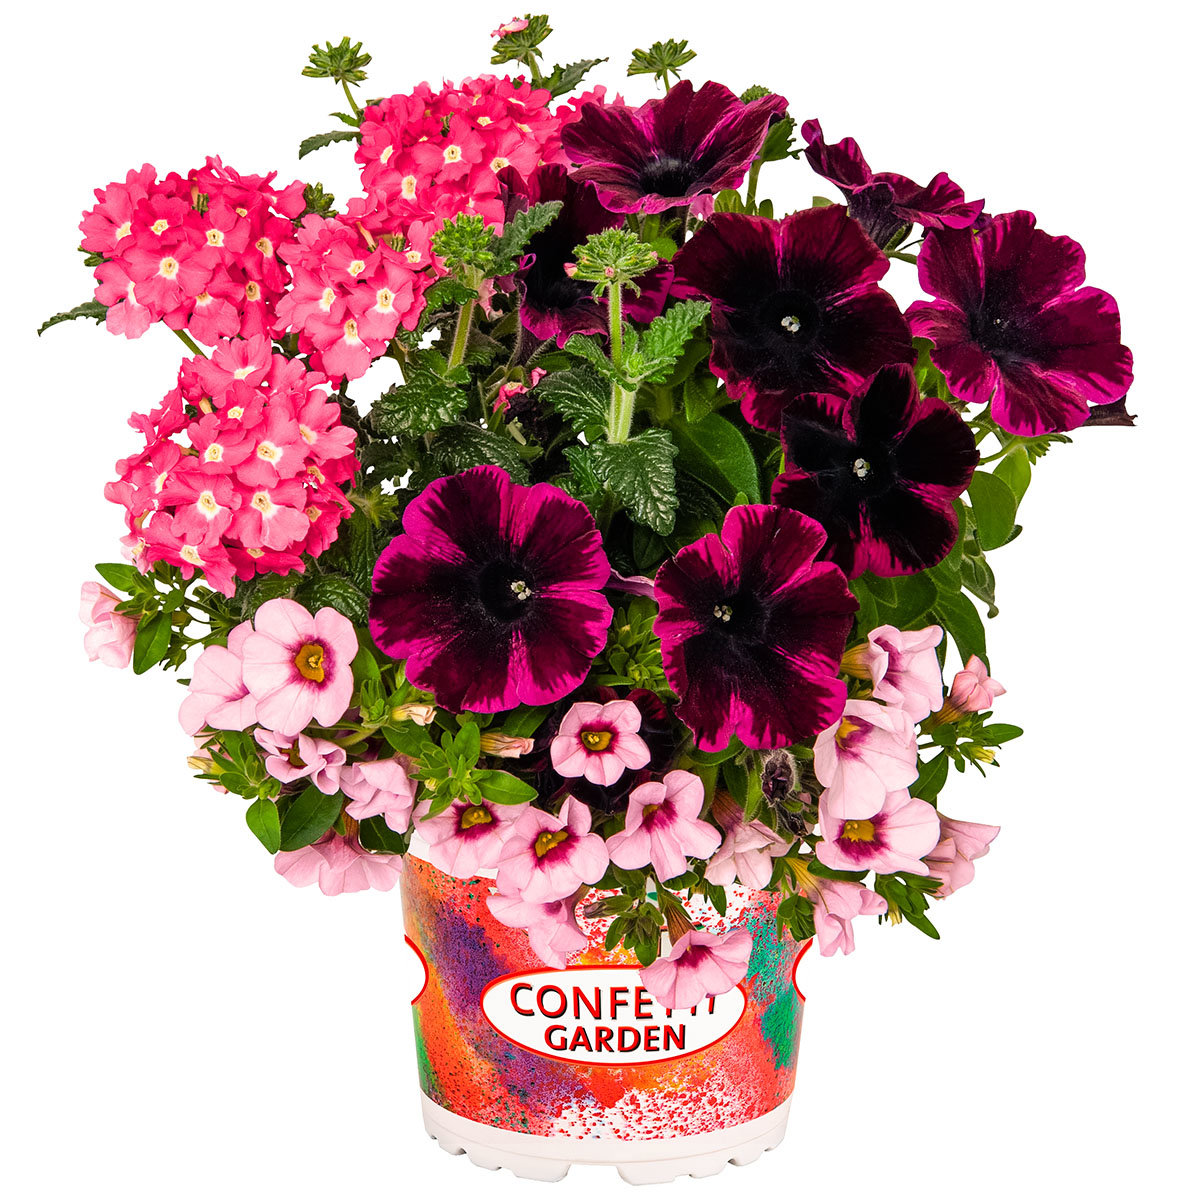 Trio Confetti Garden™ Pirate's Beauty, im ca. 12 cm-Topf | #3